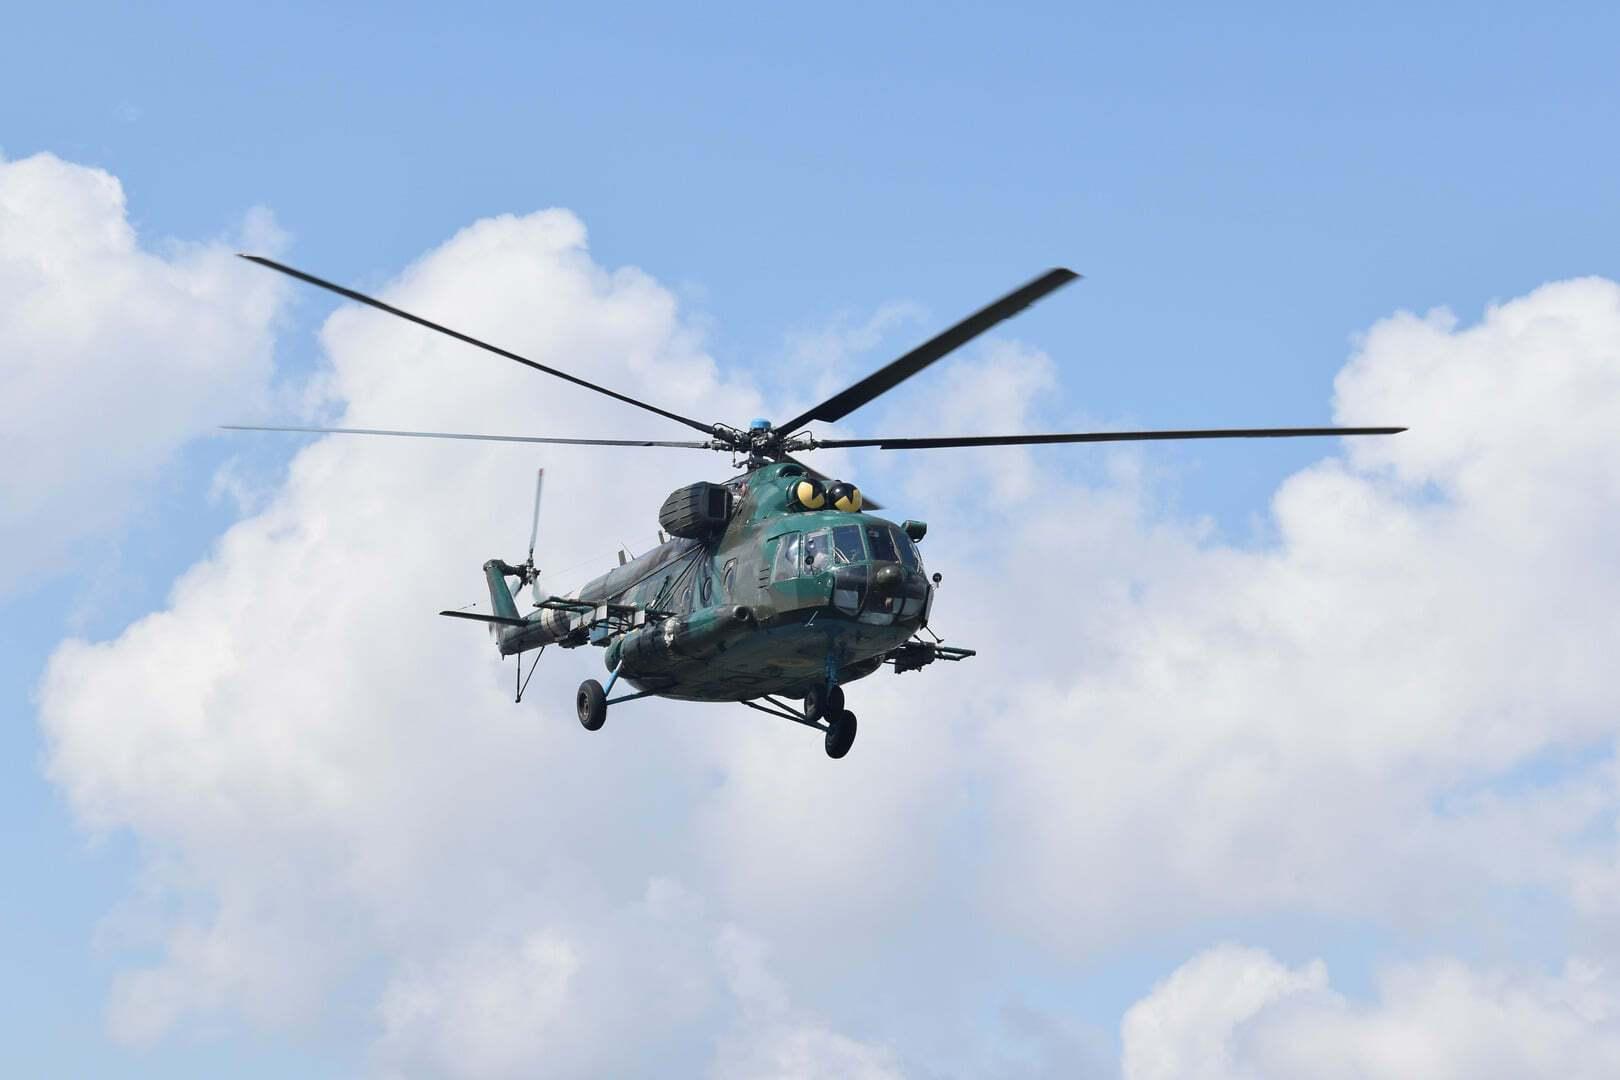 Экипажи Ми-8 показали, что готовы к действиям в случае обострения на фронте